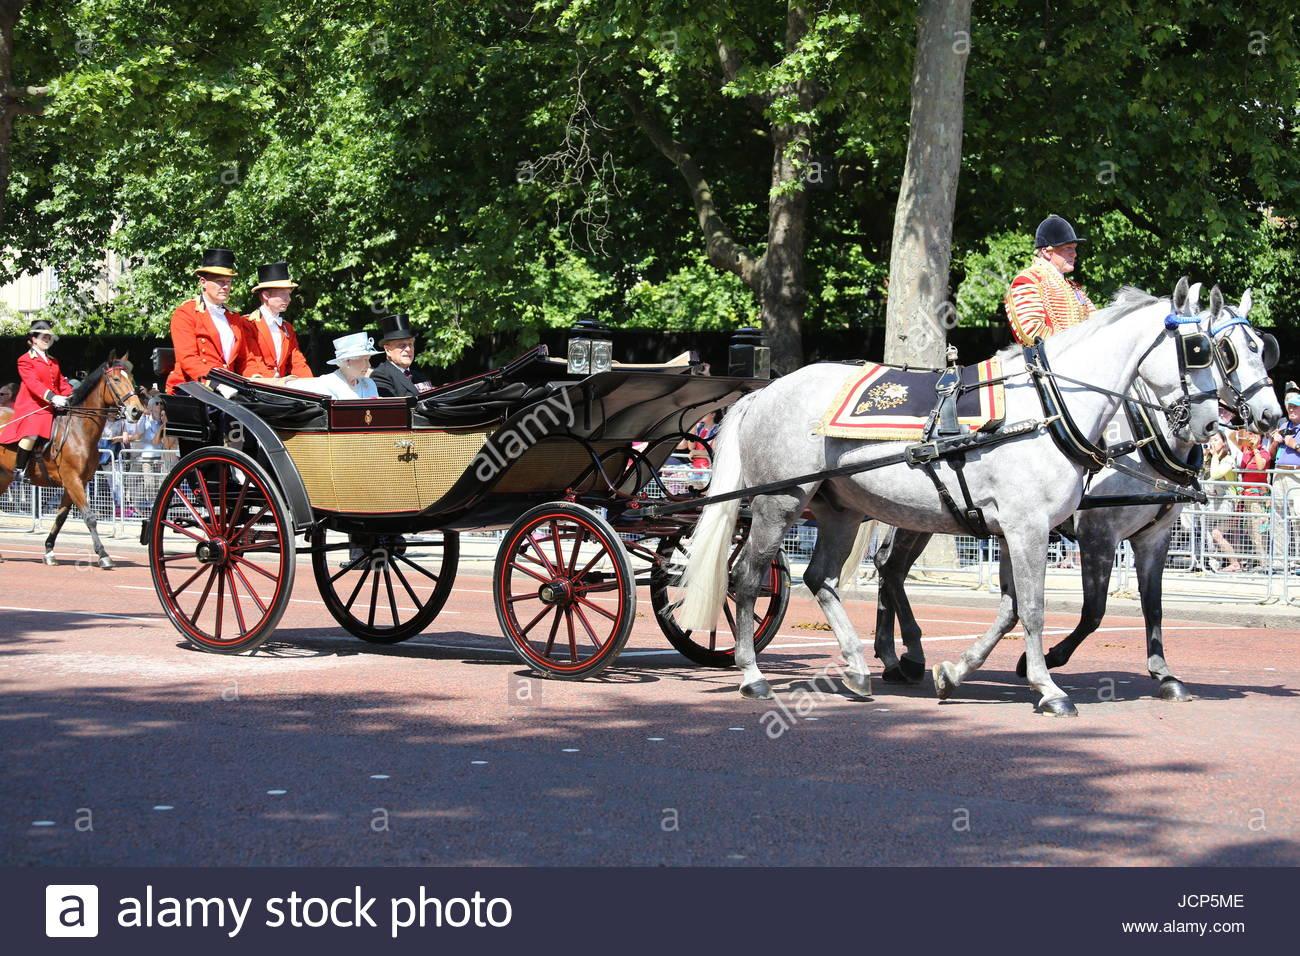 london-uk-17th-june-2017-queen-elizabeth